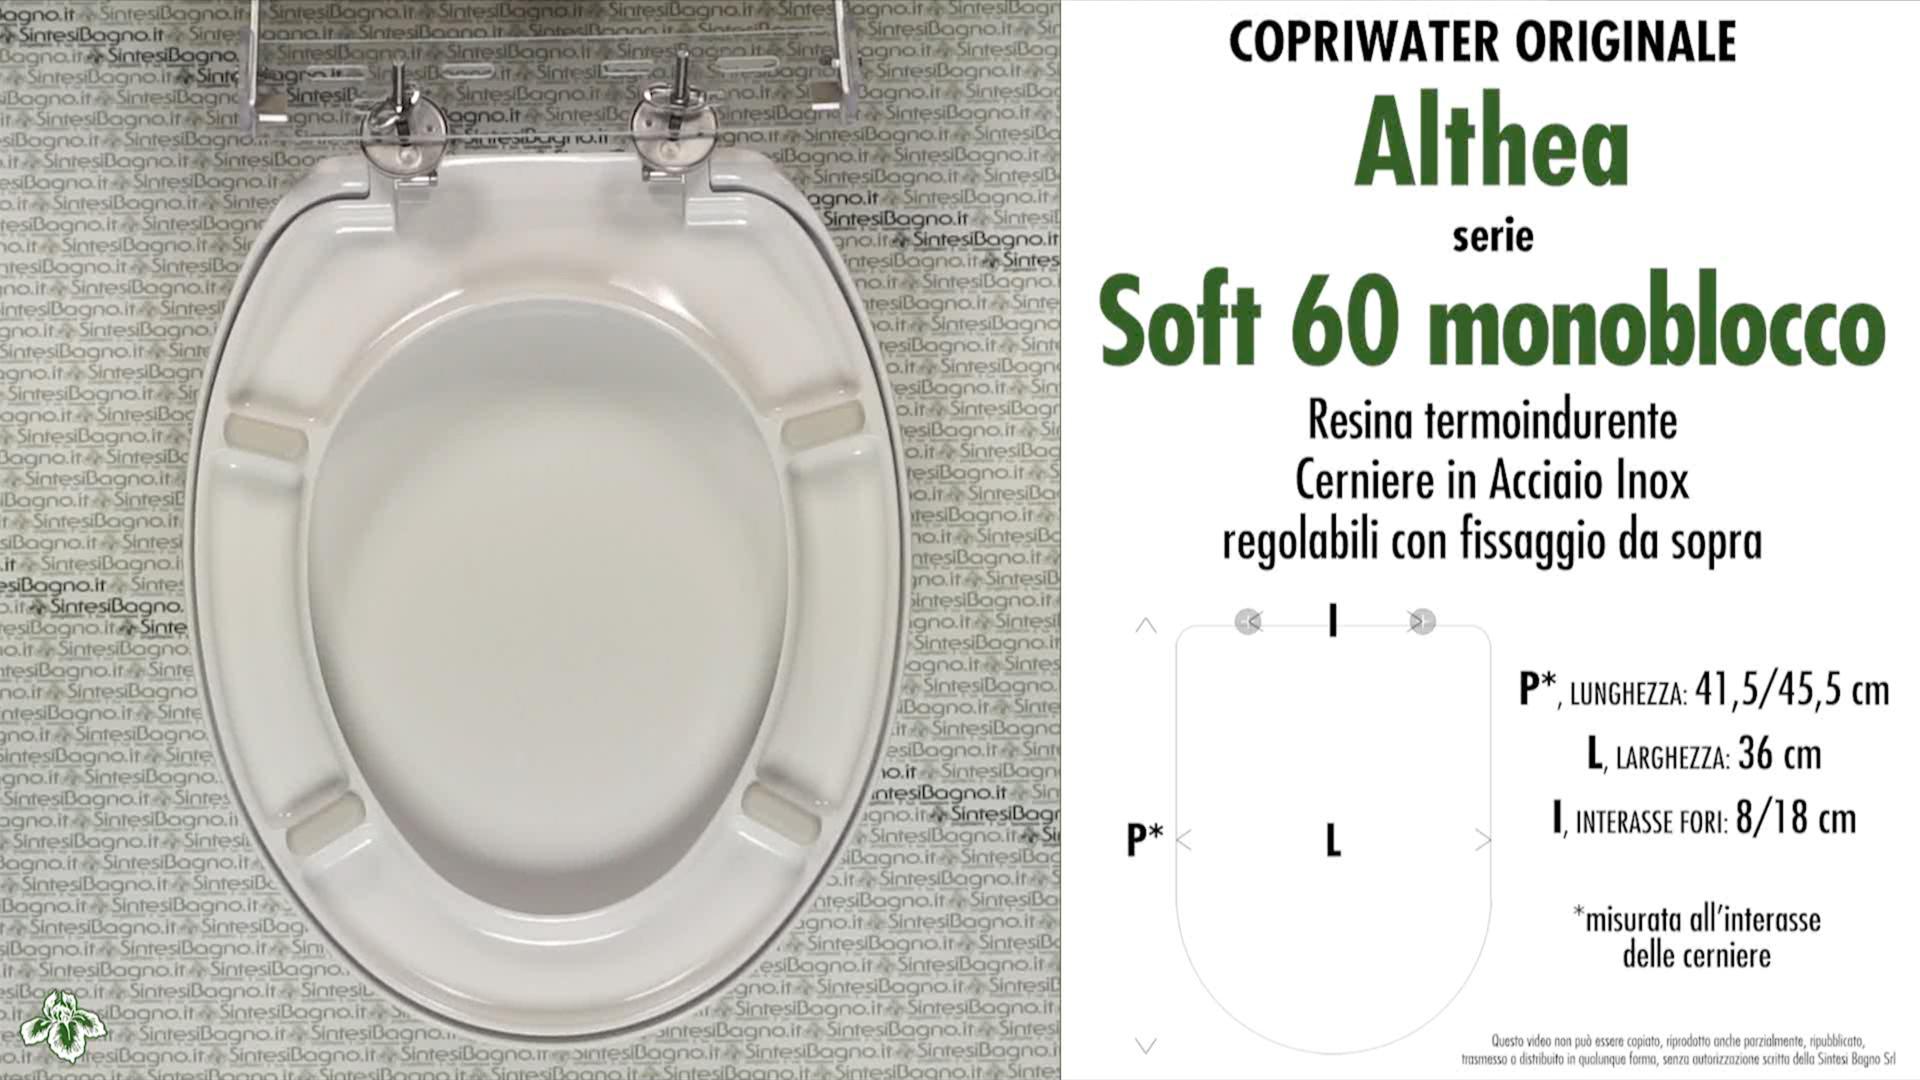 SCHEDA TECNICA MISURE copriwater ALTHEA SOFT